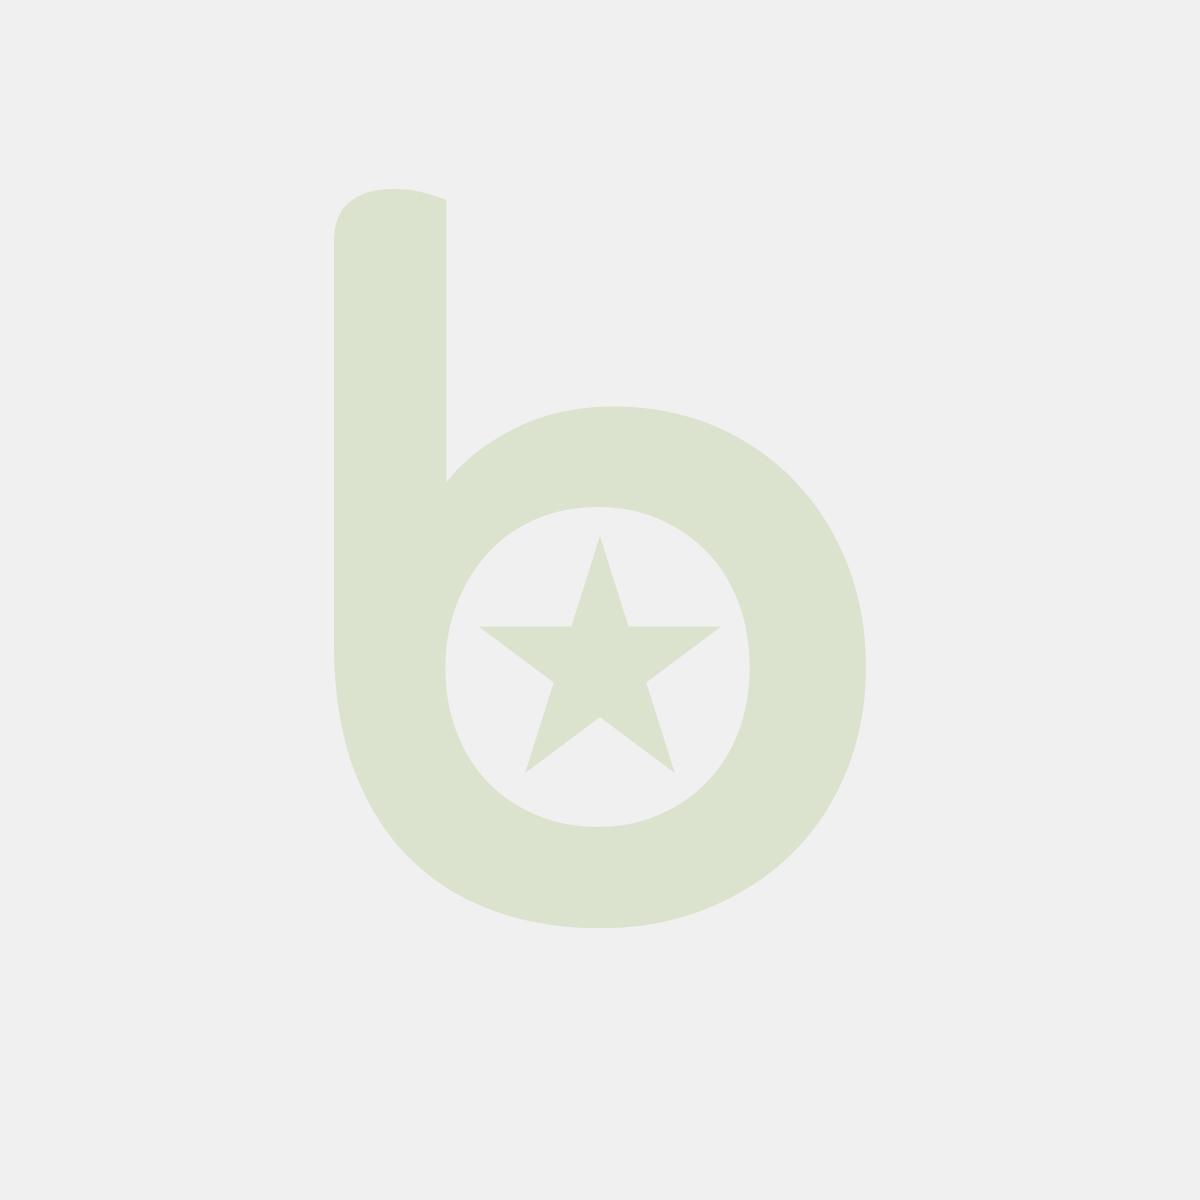 Marker permanentny SCHNEIDER Maxx 130, okrągły, 1-3mm, fioletowy